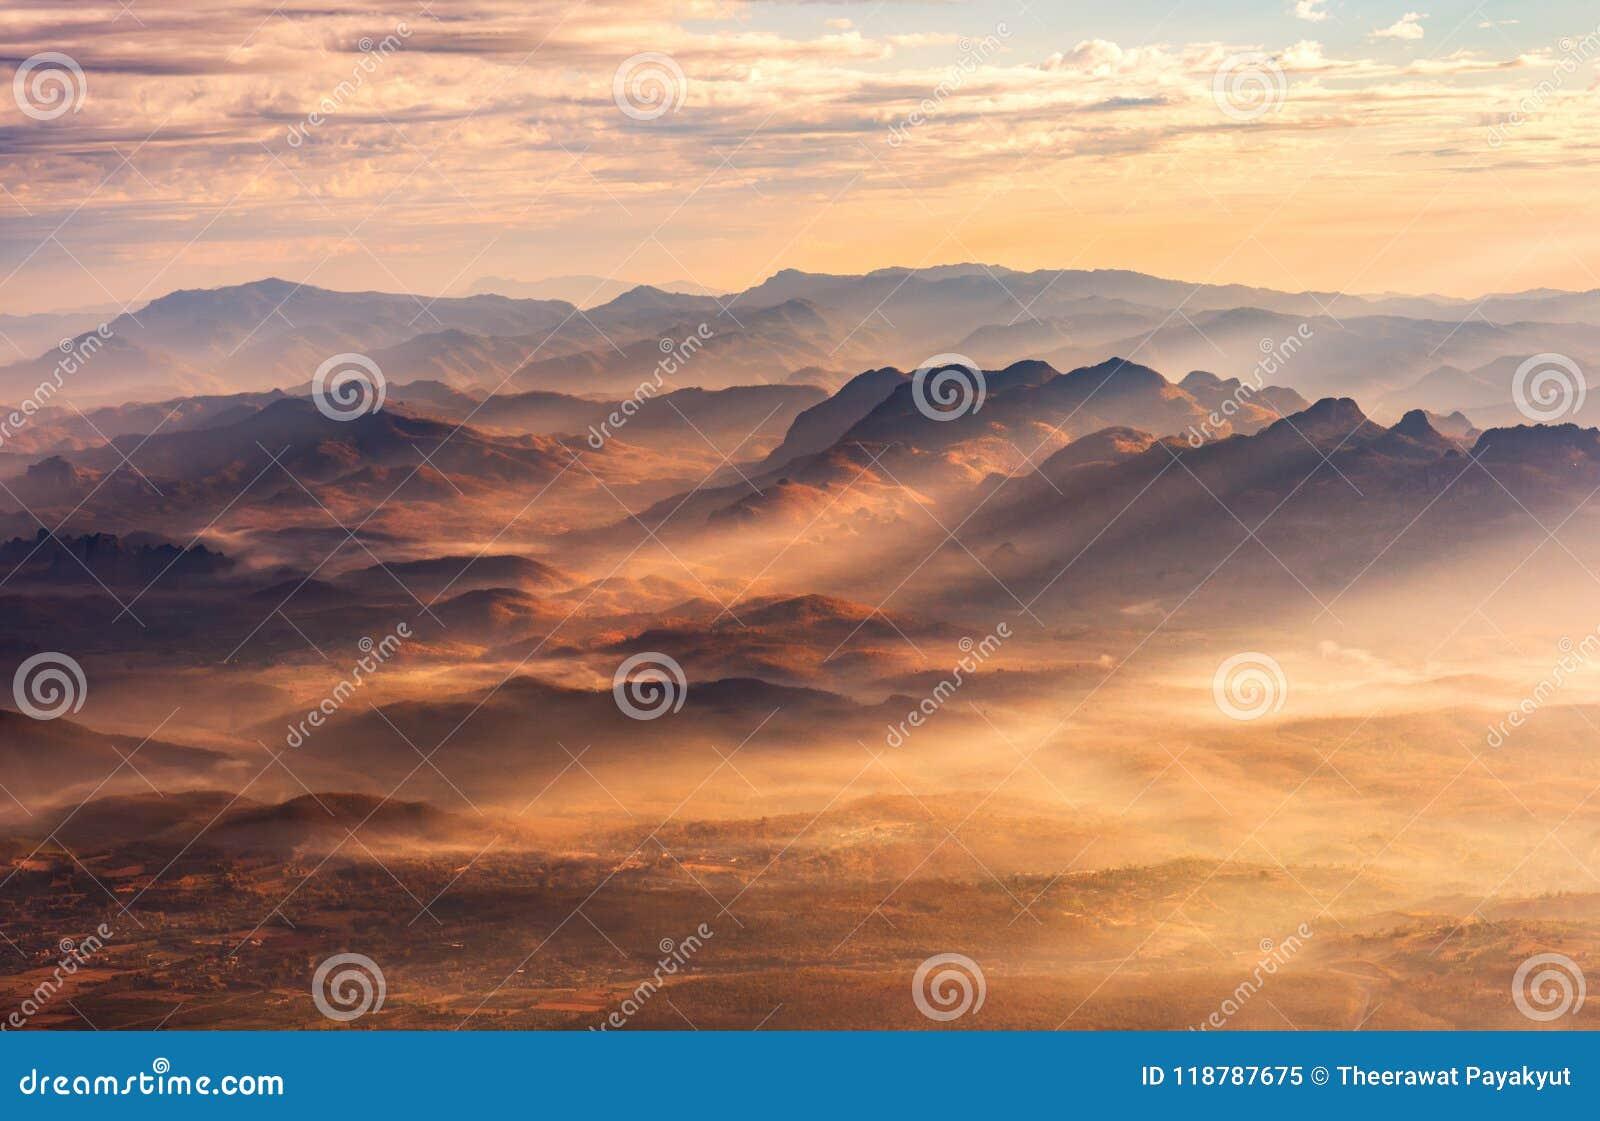 Όμορφο τοπίο κοιλάδα βουνών και ομίχλης, στρώμα βουνών μέσα